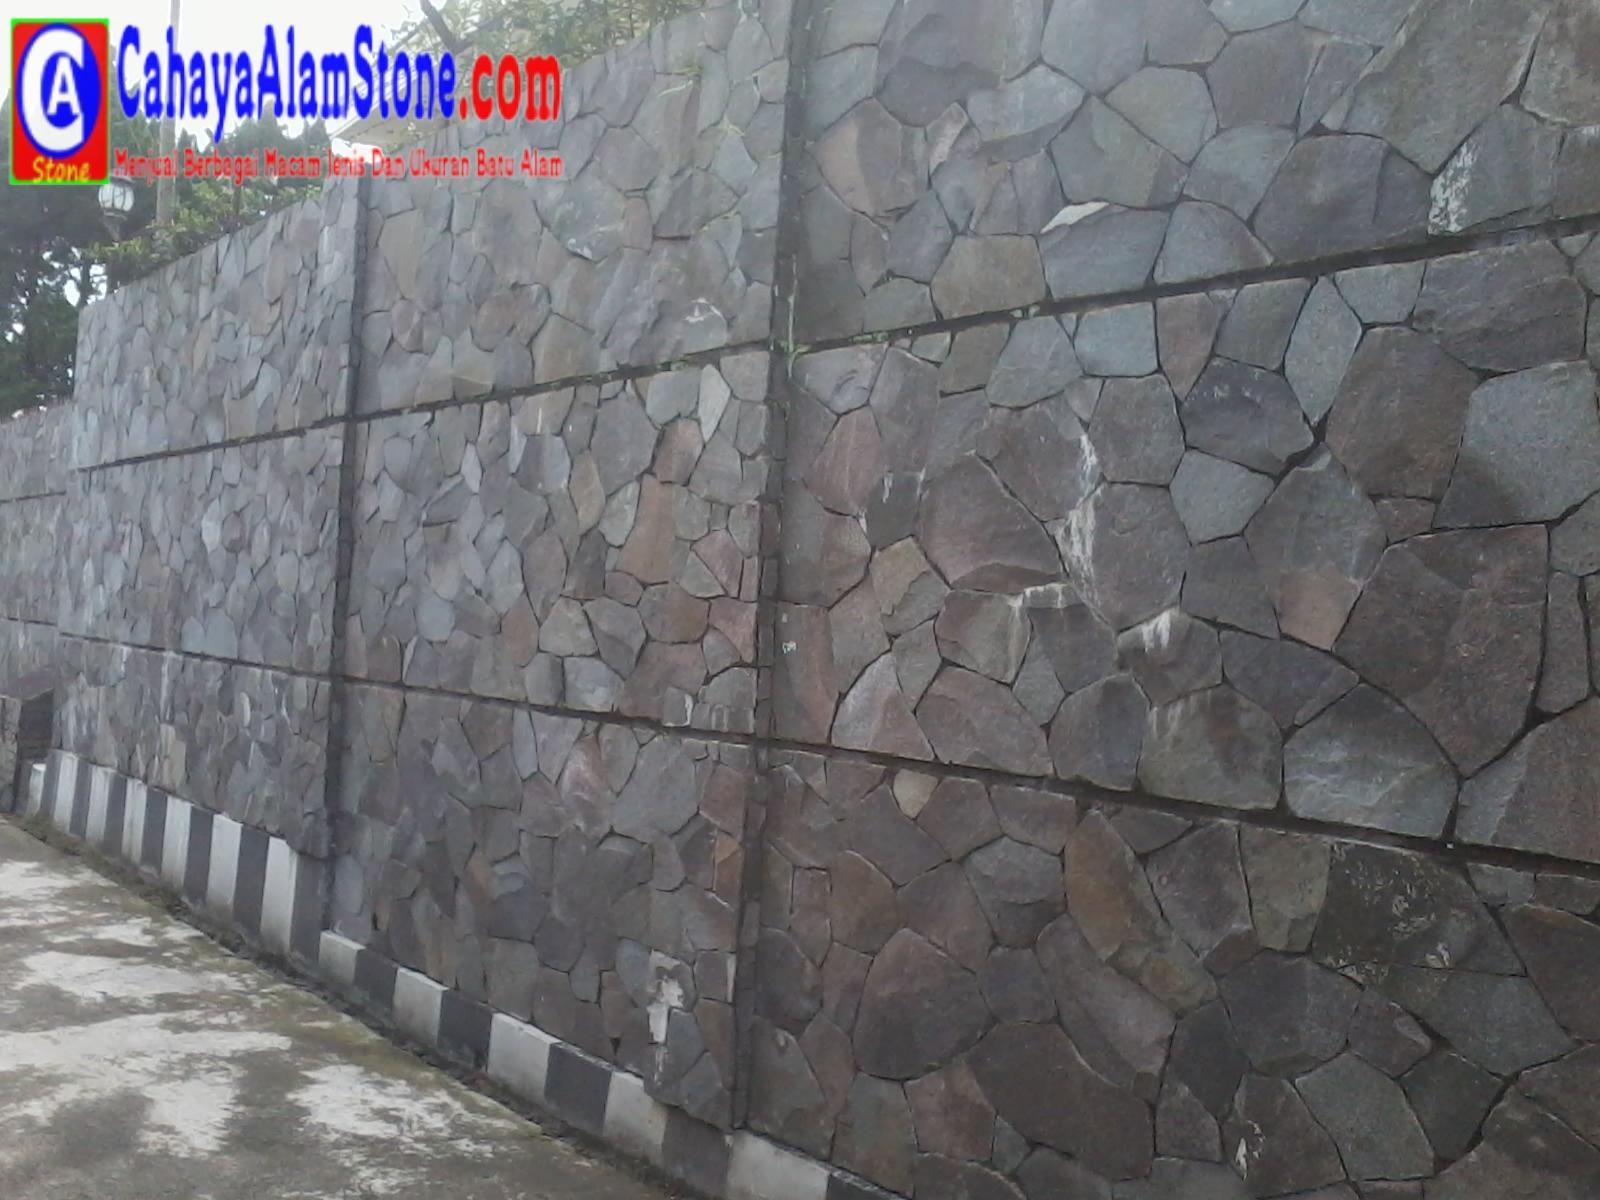 10 Jenis Model Batu Alam Paling Populer Yang Banyak Digunakan Grosir Batu Alam Cahaya Alam Stone Harga Batu Alam Per Meter Persegi 2021 Batu Koral Sikat Macam macam batu alam